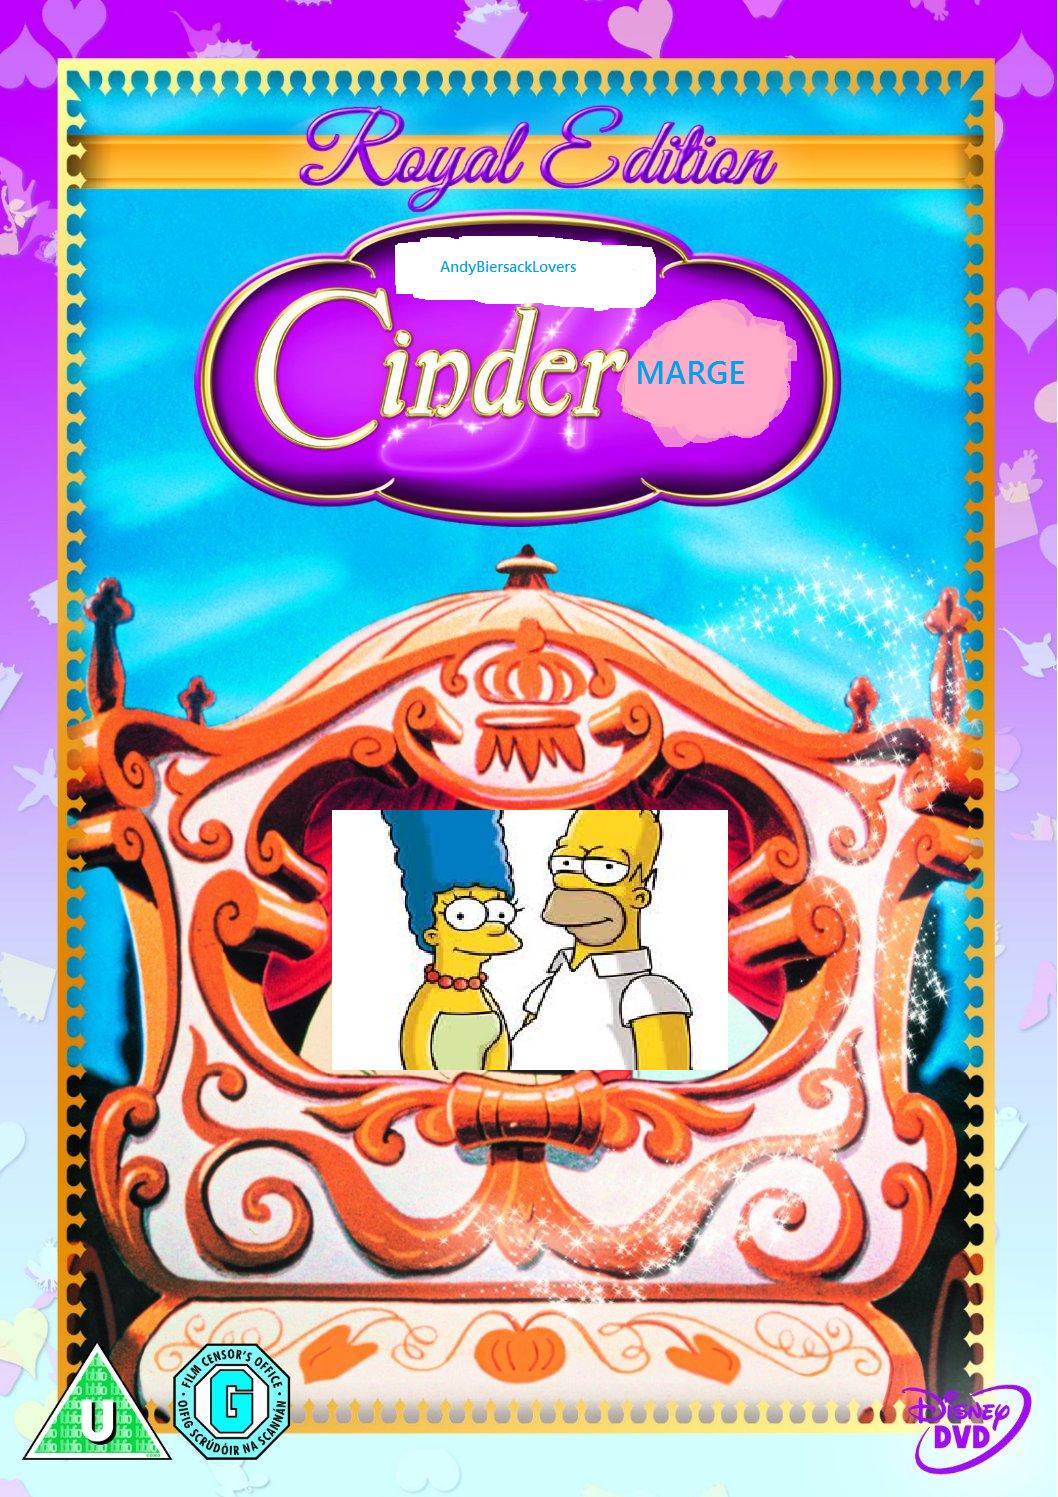 CinderMarge